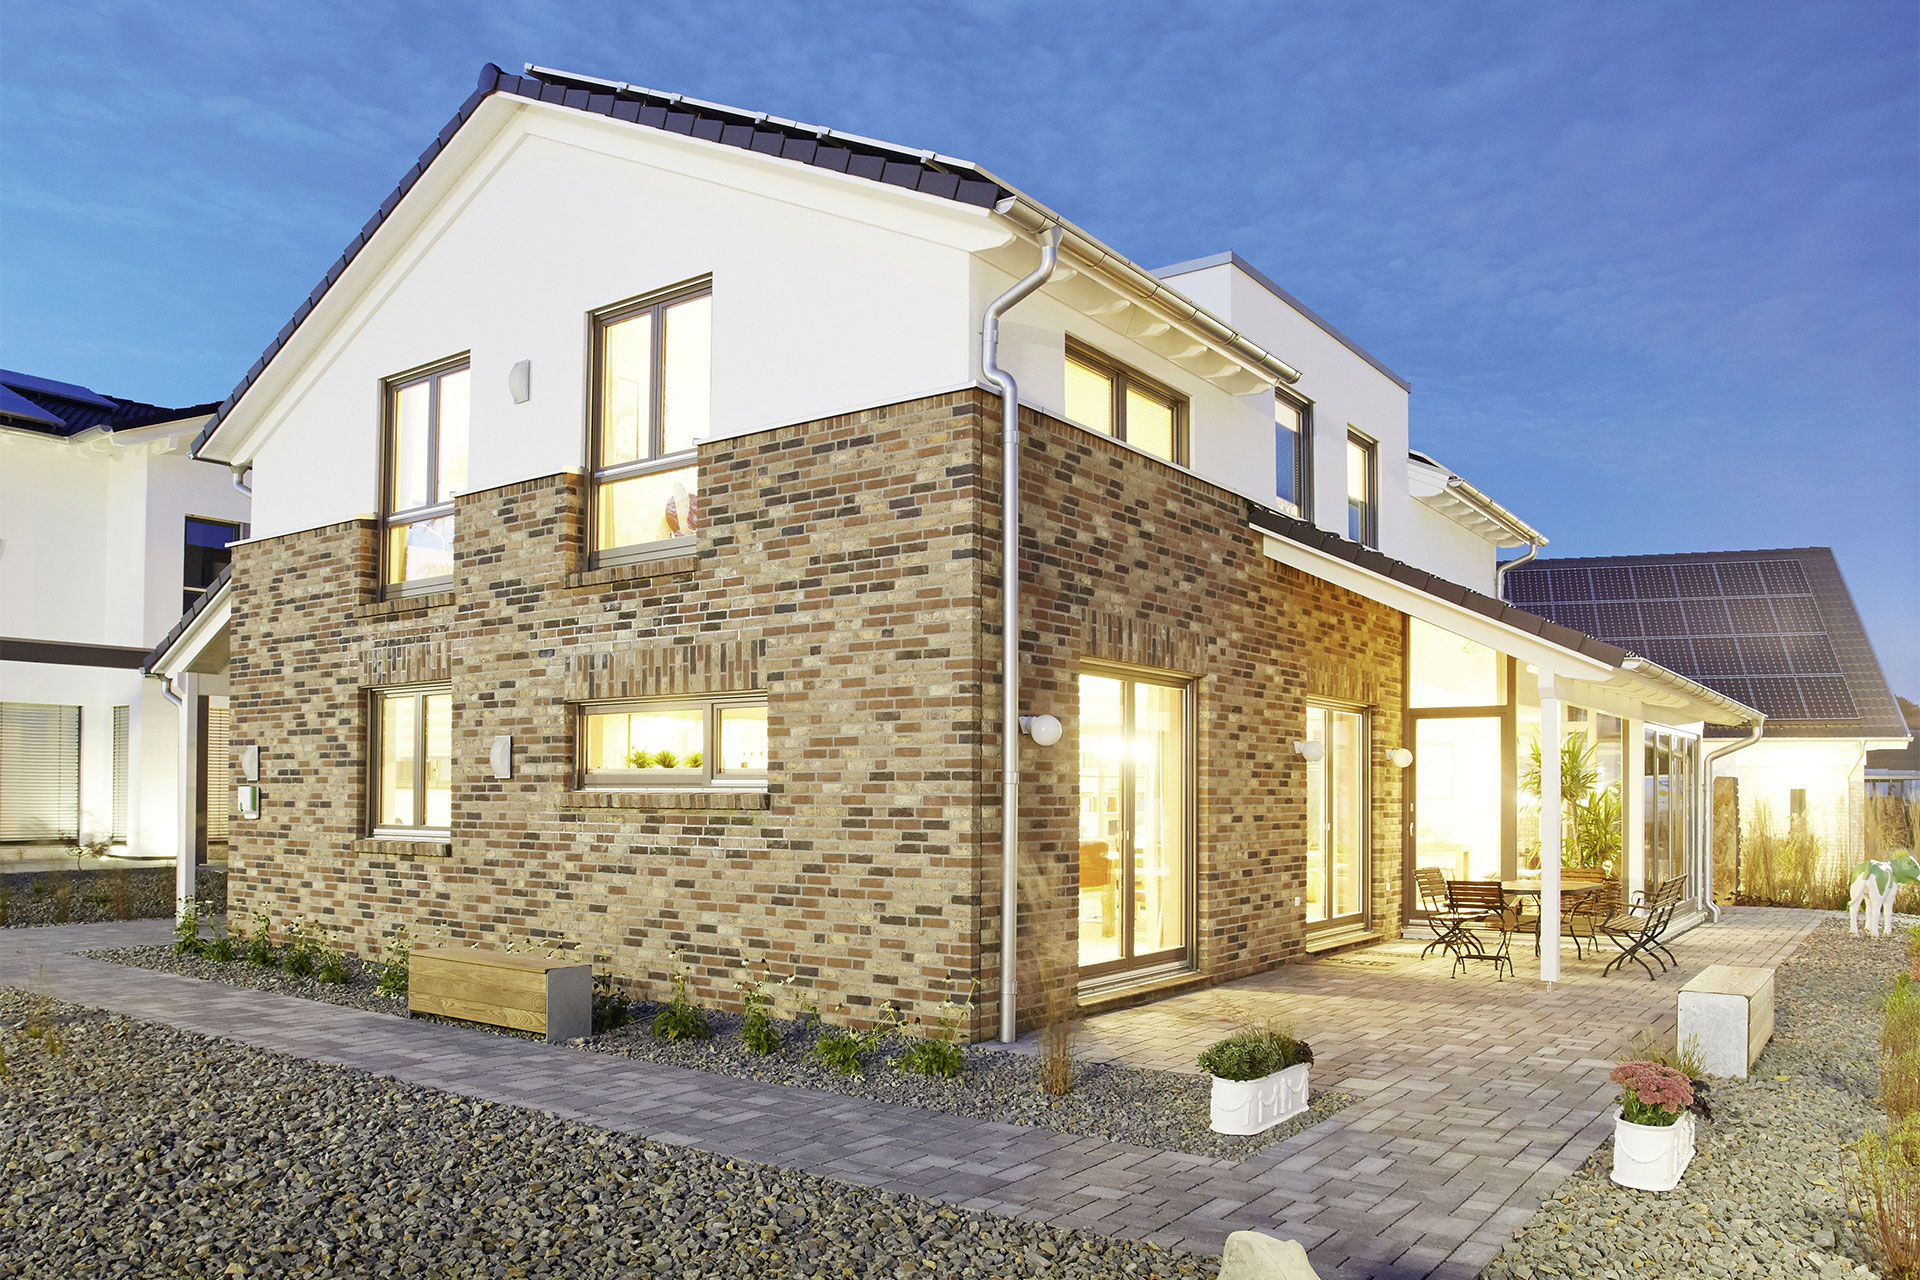 Musterhaus isabella wuppertal ein fertighaus von for Musterhaus modern